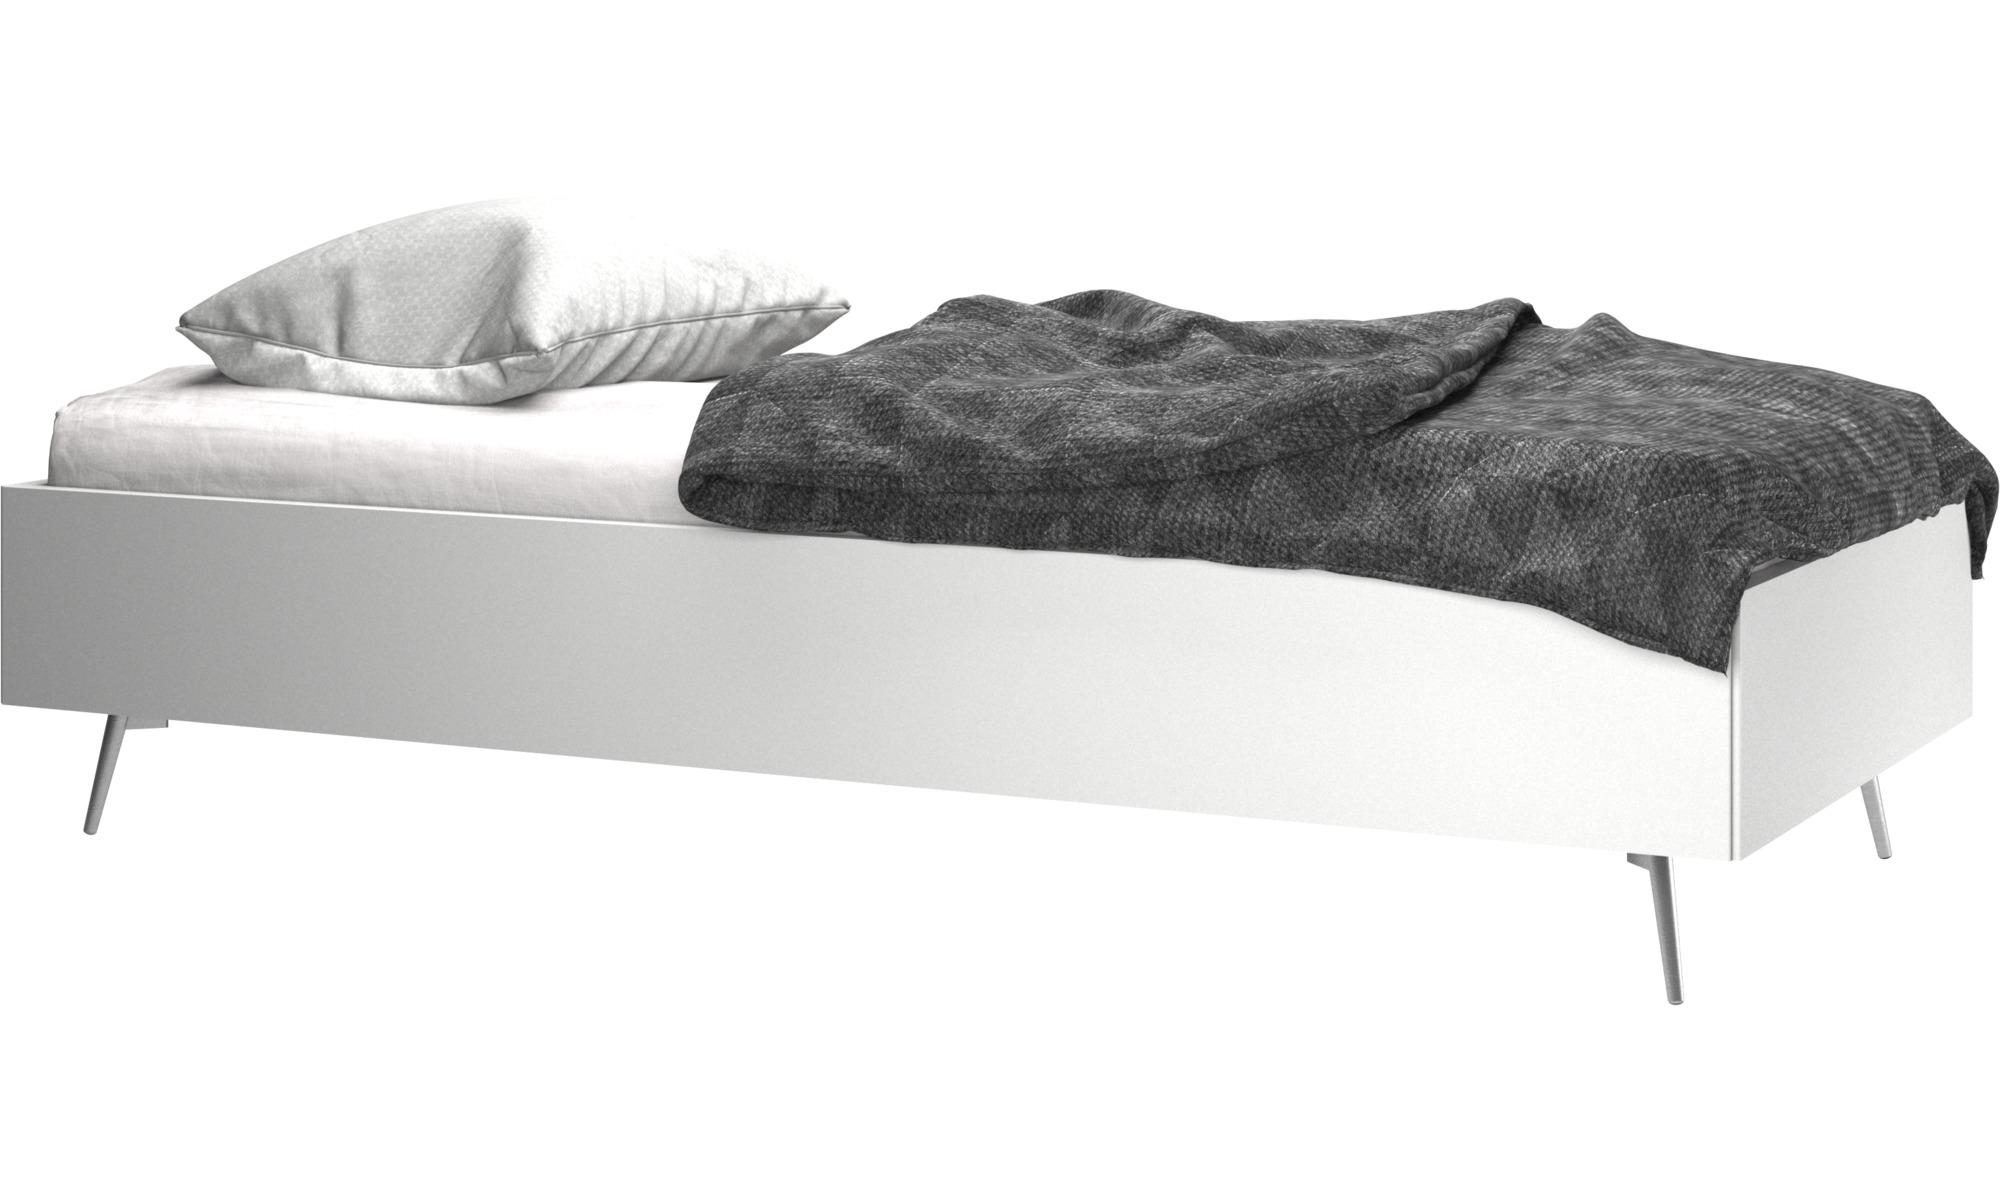 Camas - Cama Lugano, no incluye colchón - Blanco - Laca